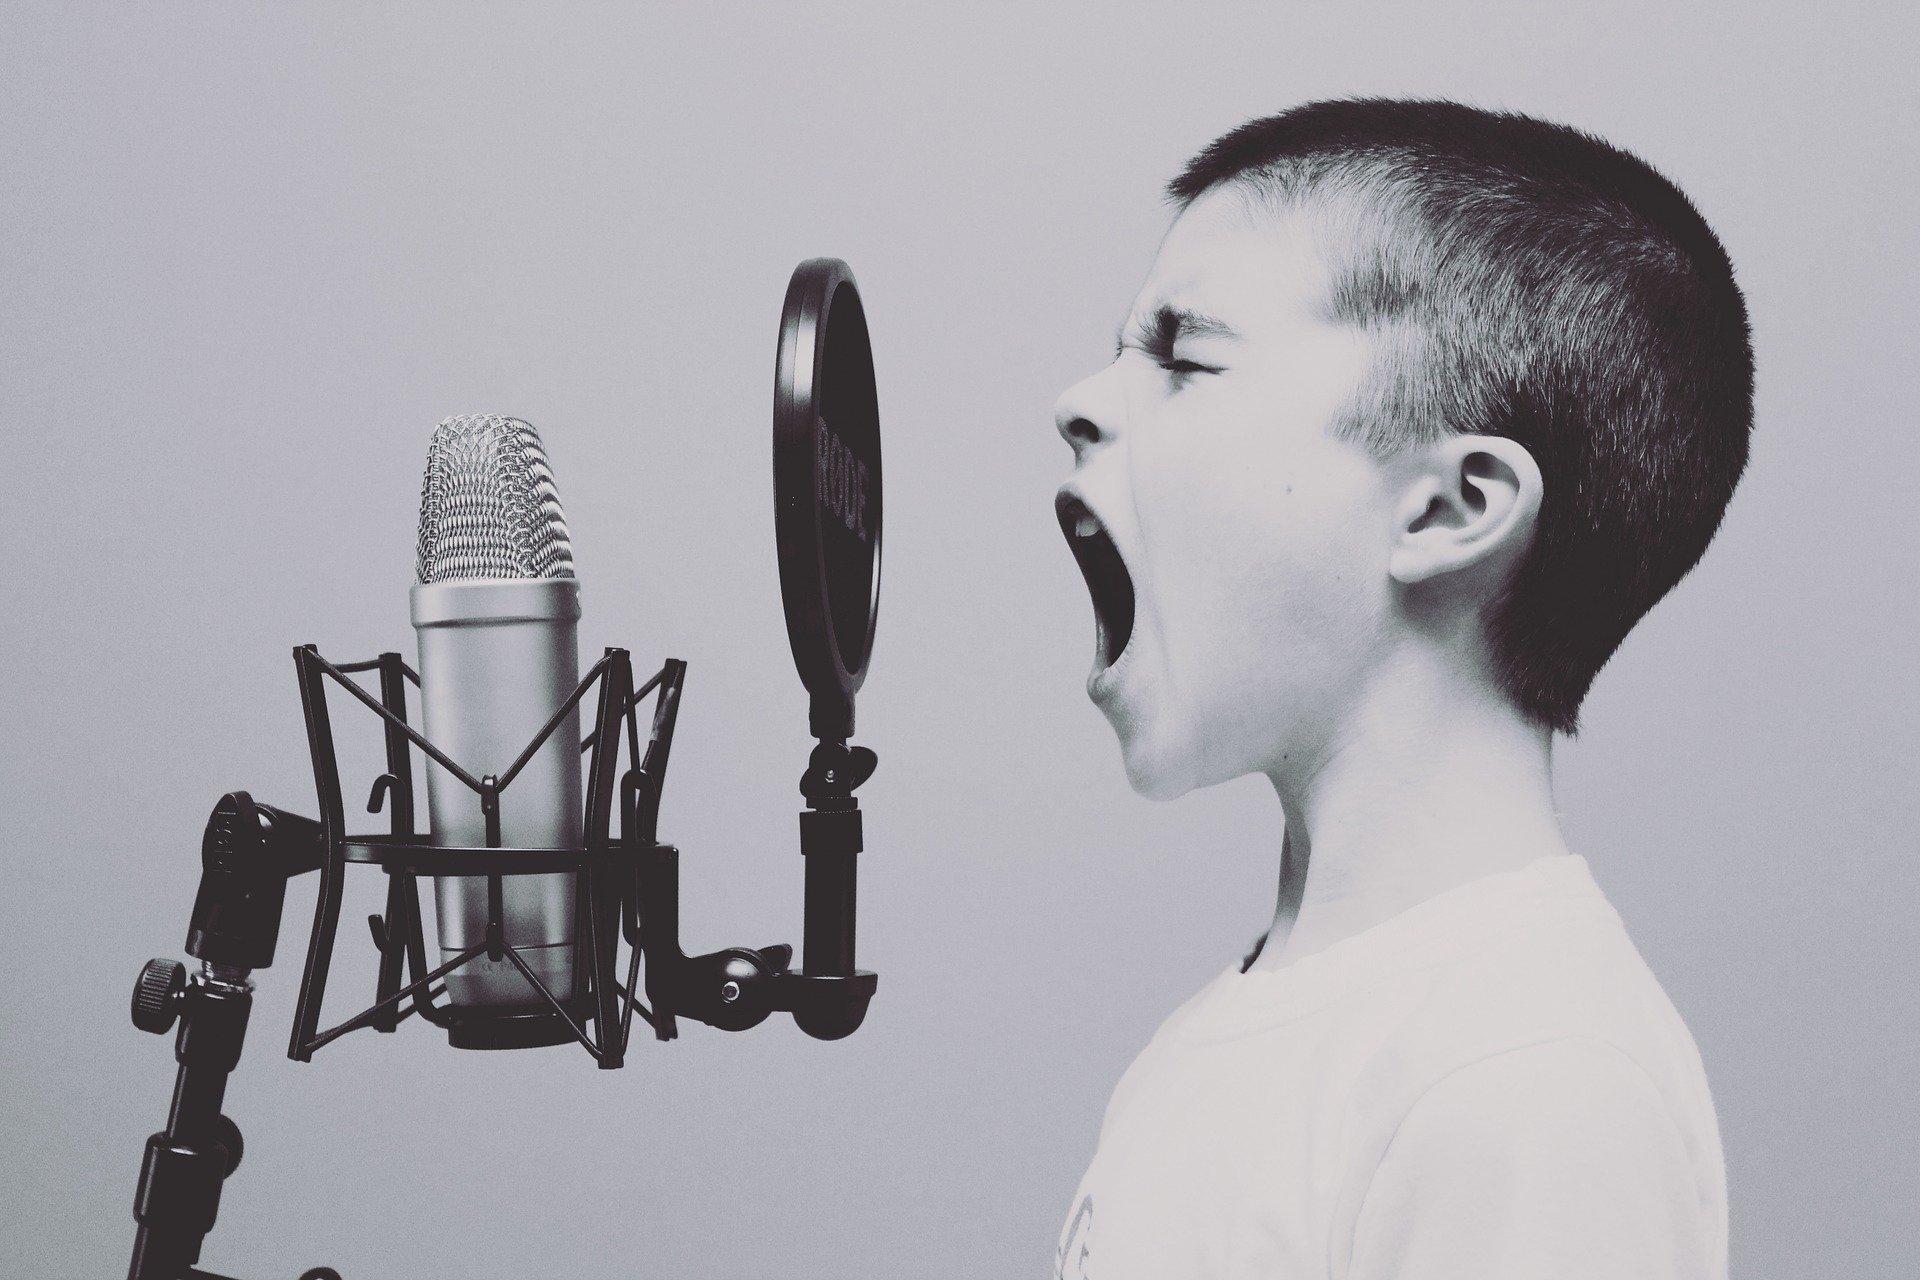 OST e canzoni: l'importanza della colonna sonora nei giochi online